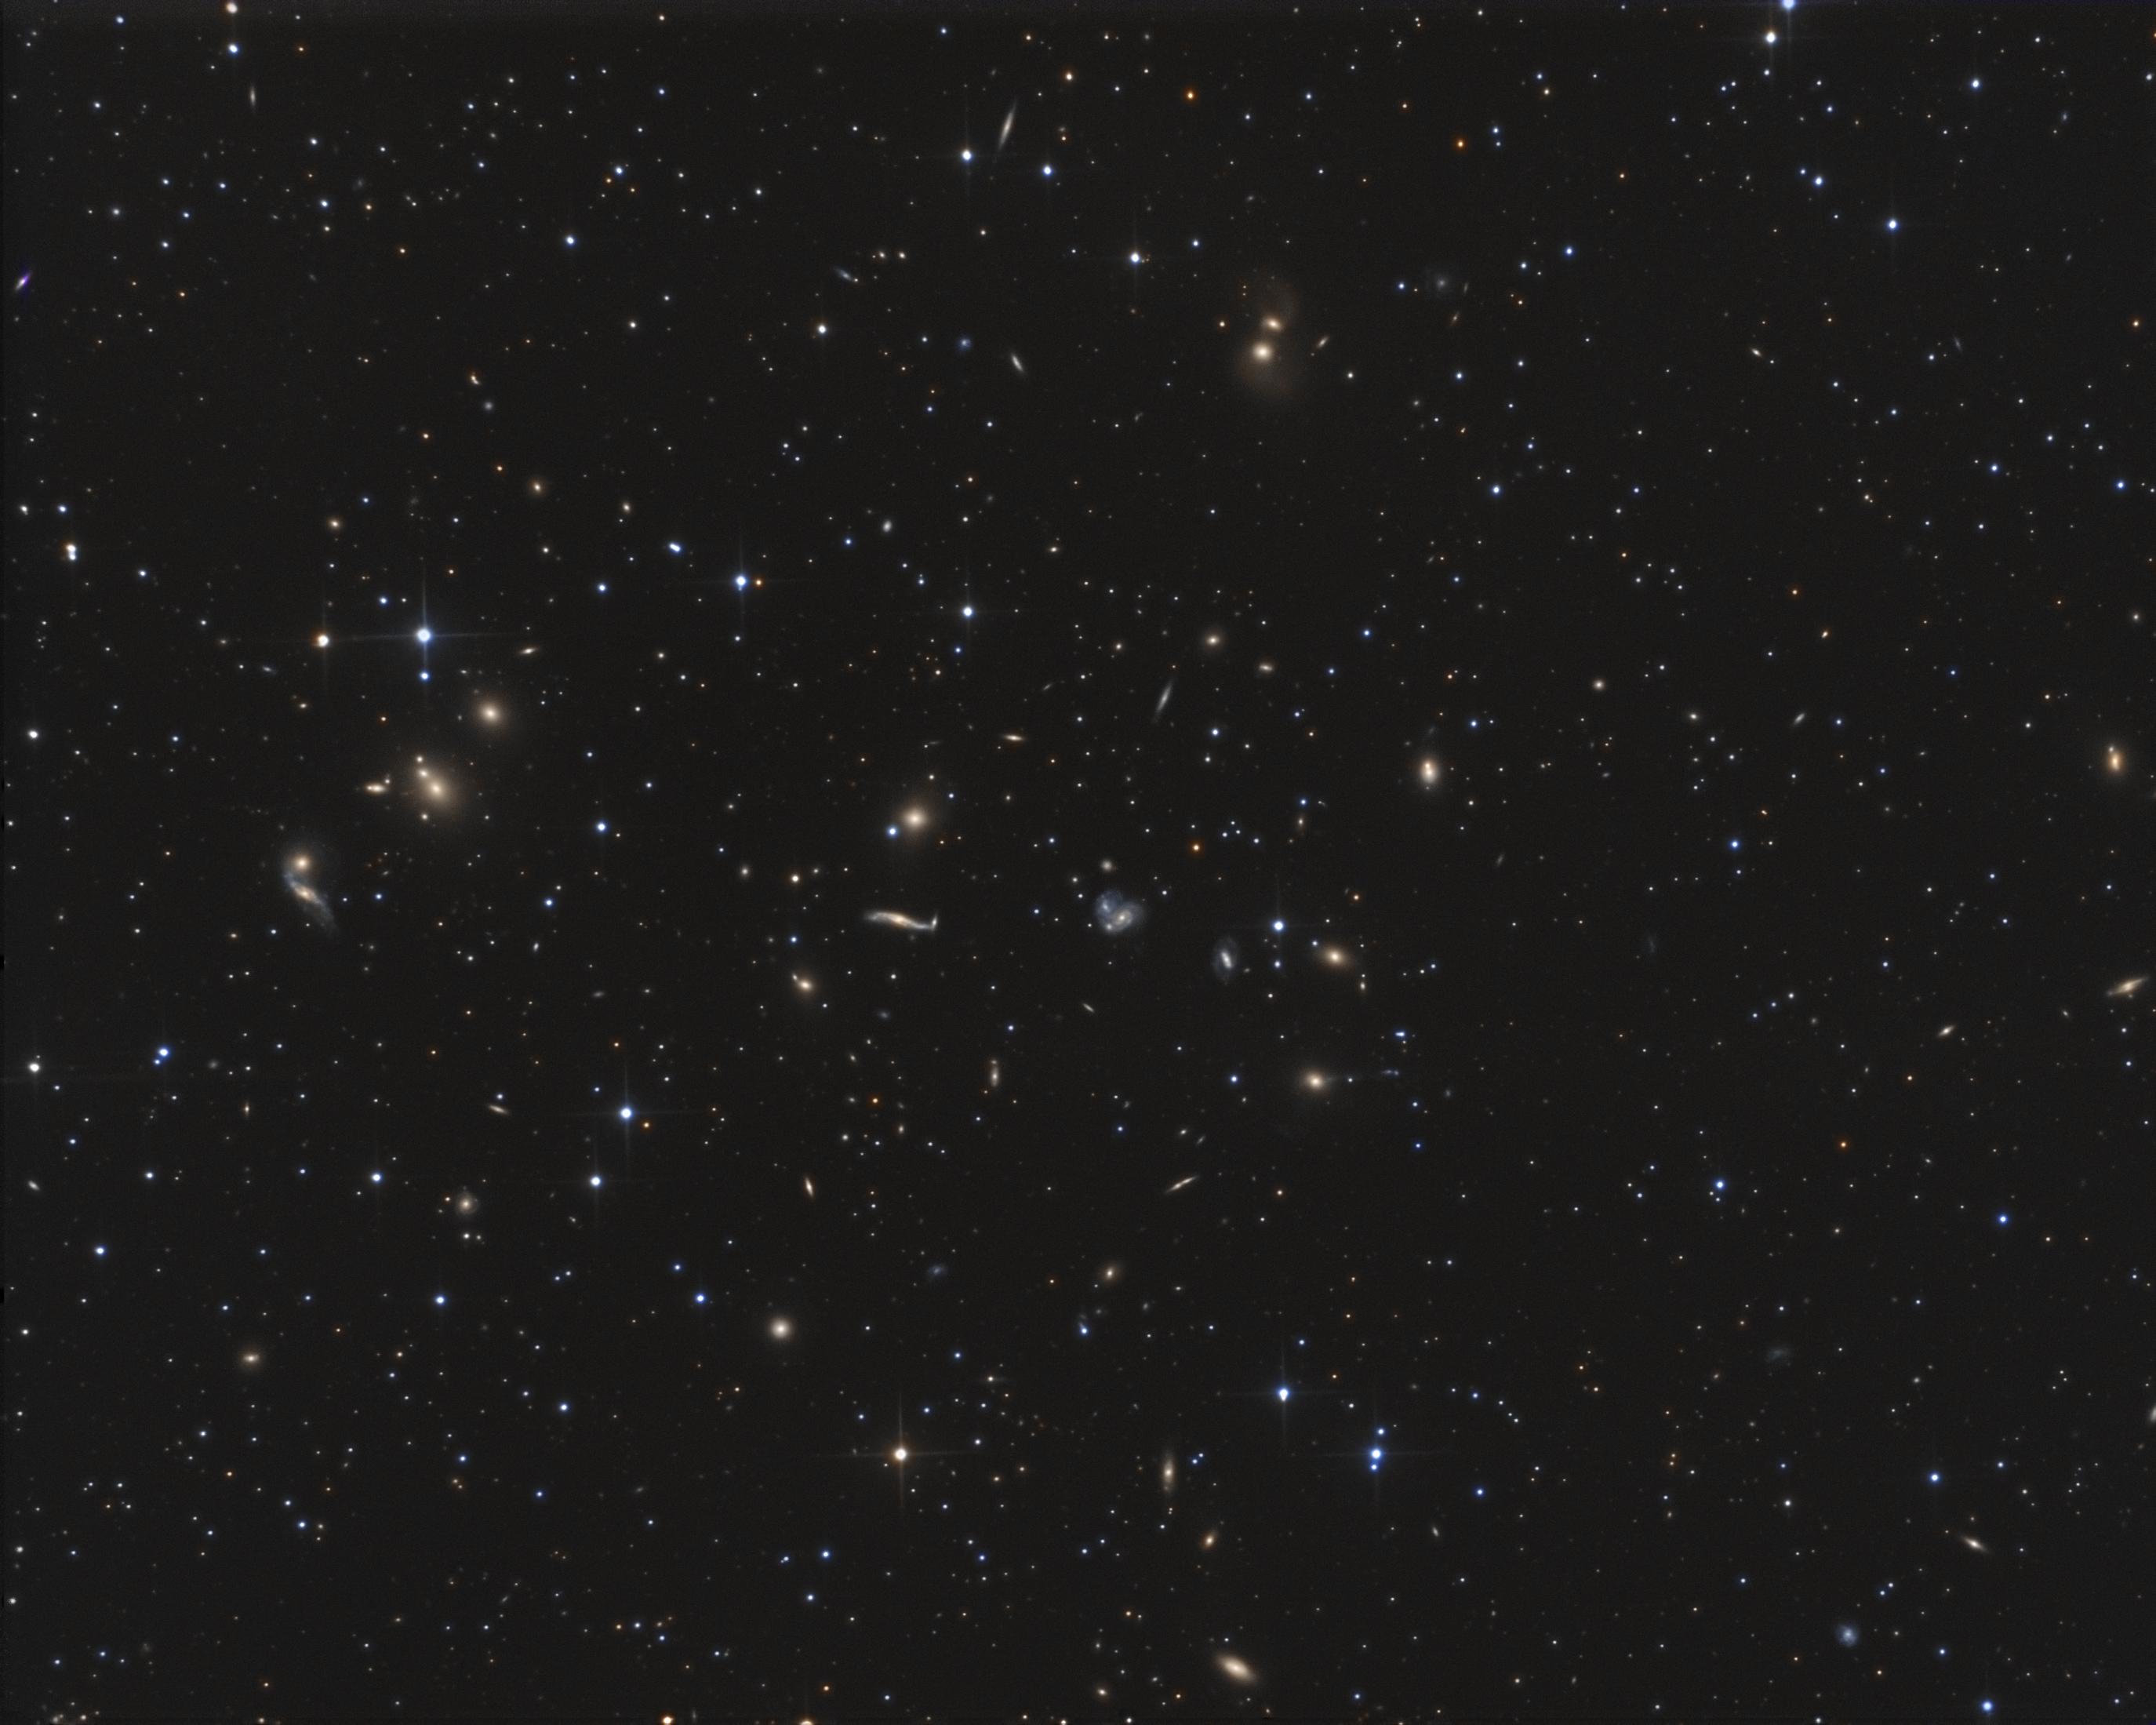 L'amas d'hercule Picture-47d4b86b81a70bfb0d8ef5fce2fc858a-original